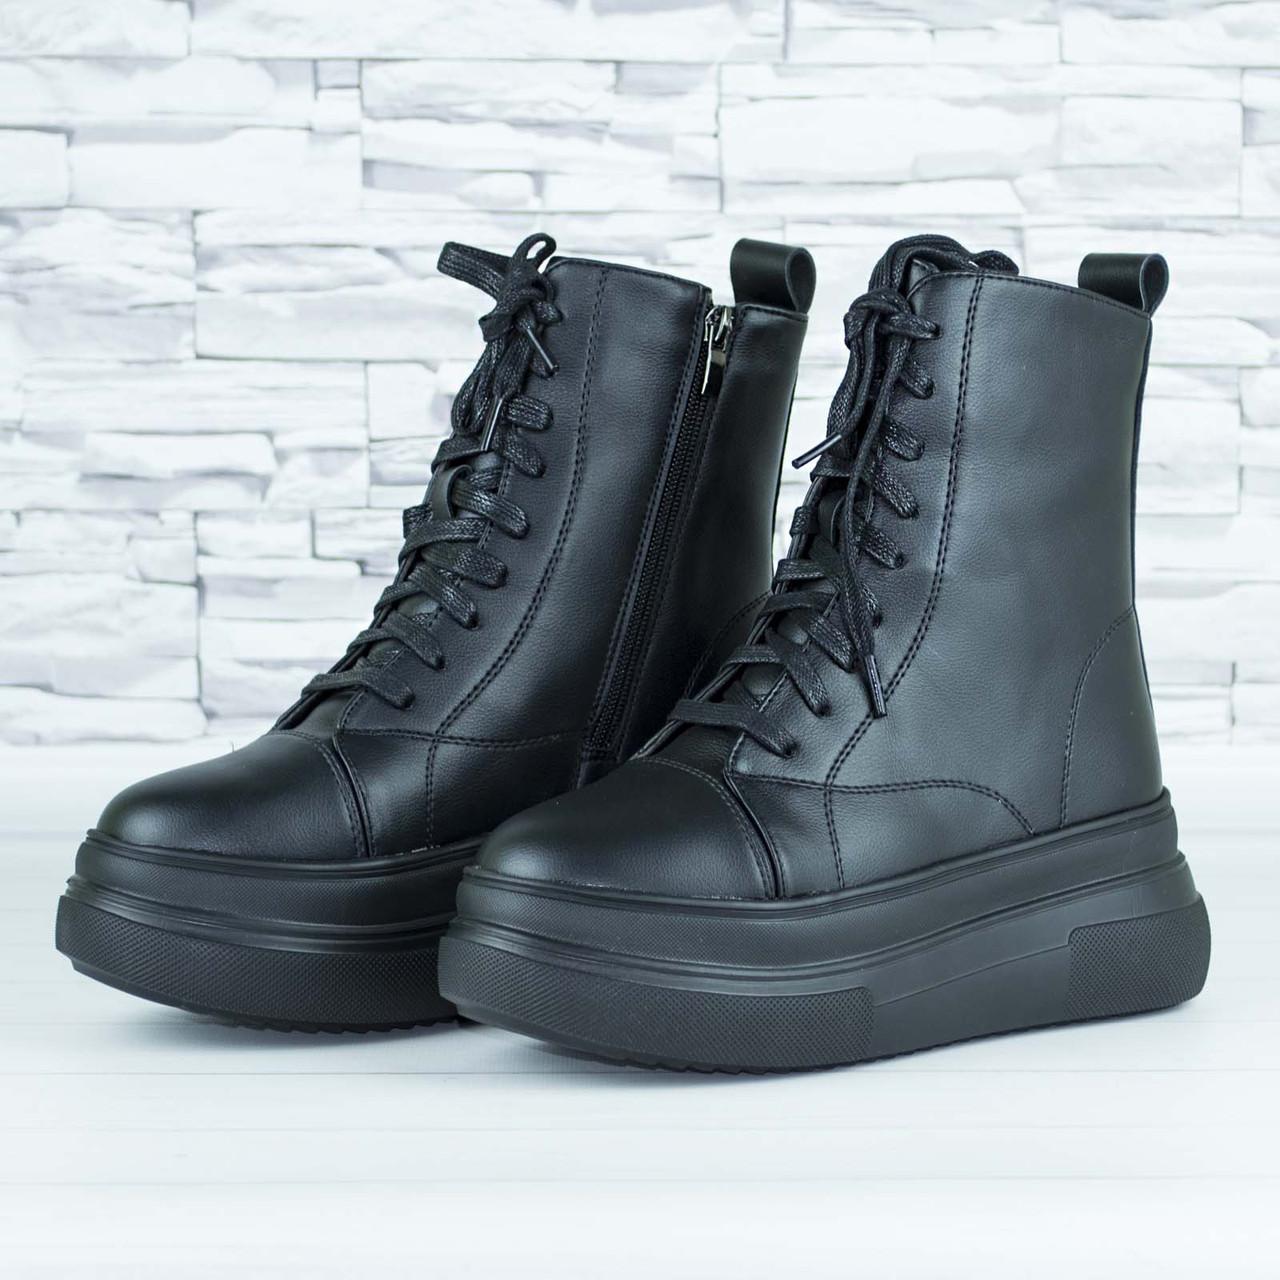 Ботинки женские зимние черные на шнурках и молнии эко кожа b-463